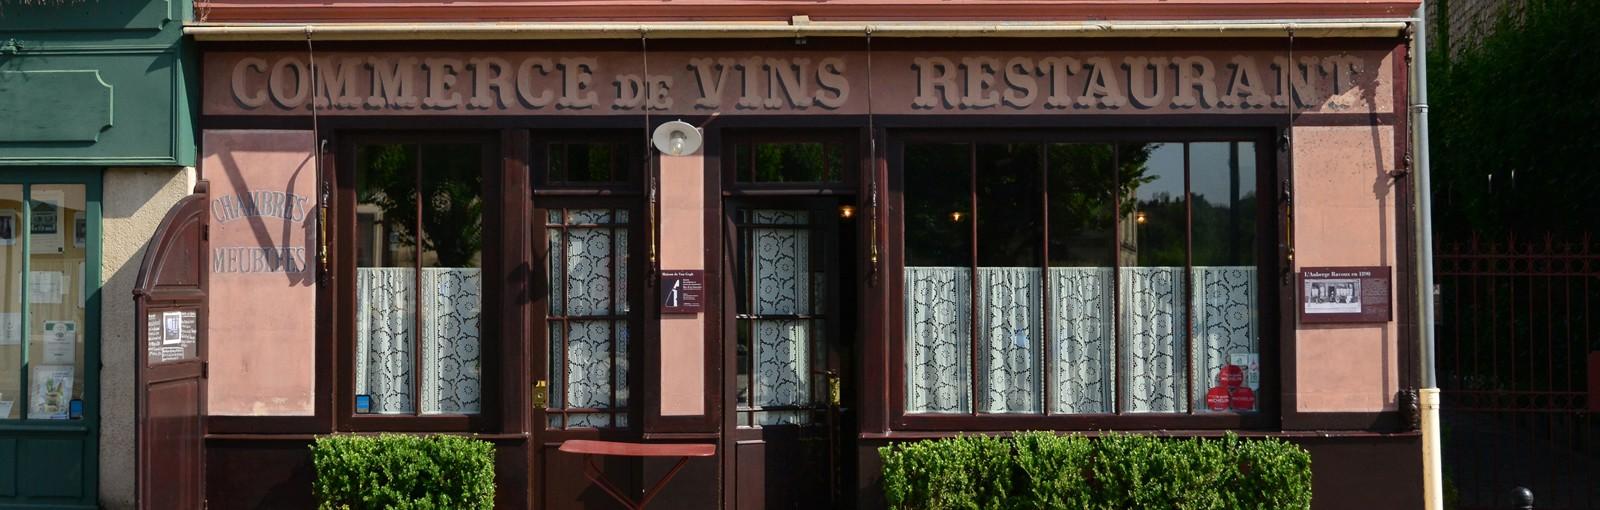 Tours 奥维尔小镇 - 半日游 - 从巴黎出发的一日游